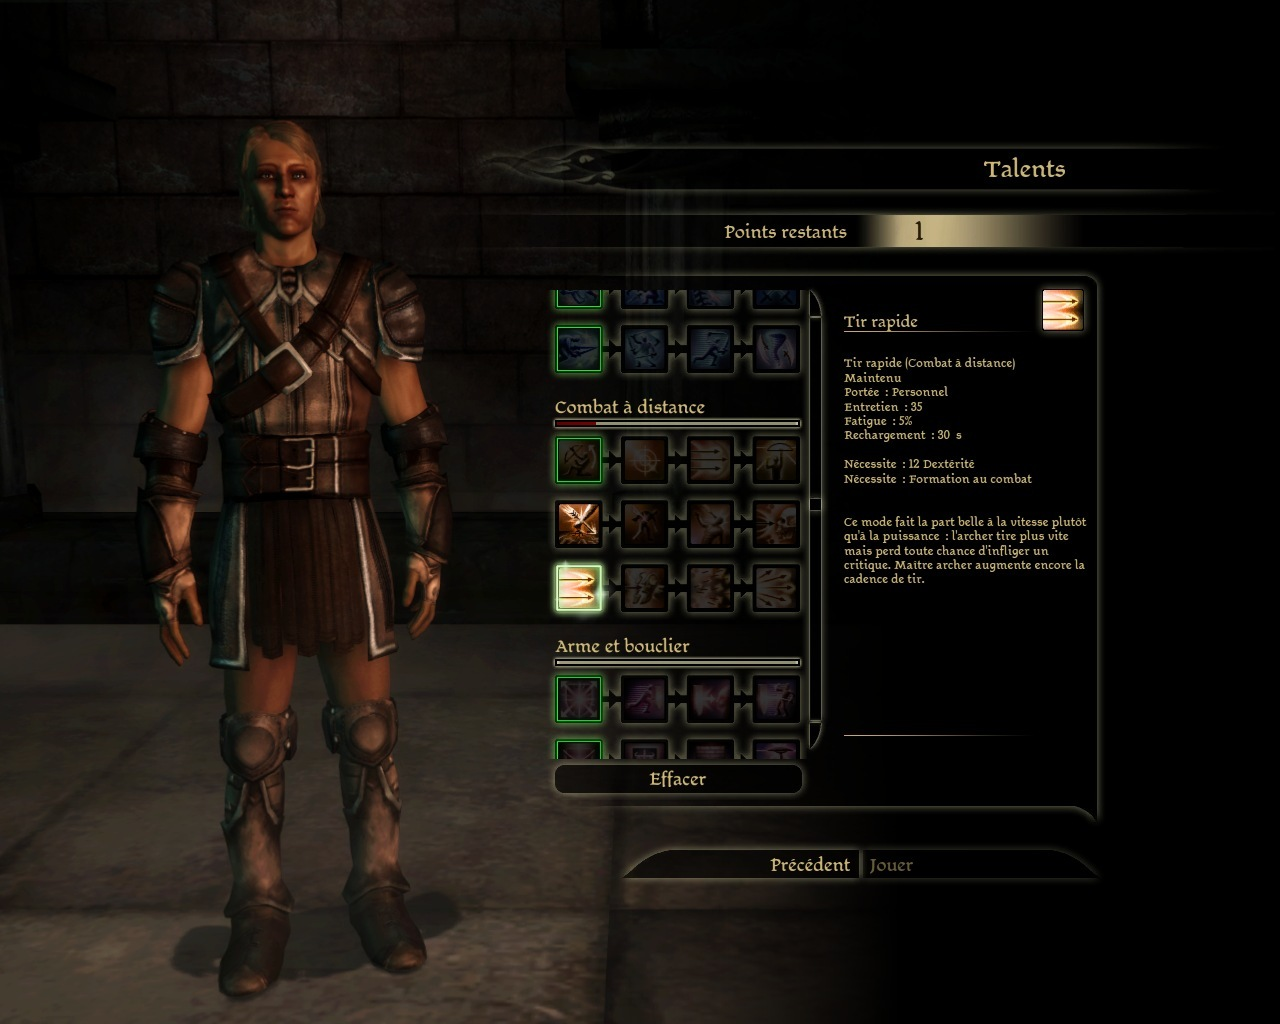 http://image.jeuxvideo.com/images/pc/d/r/dragon-age-origins-pc-356.jpg